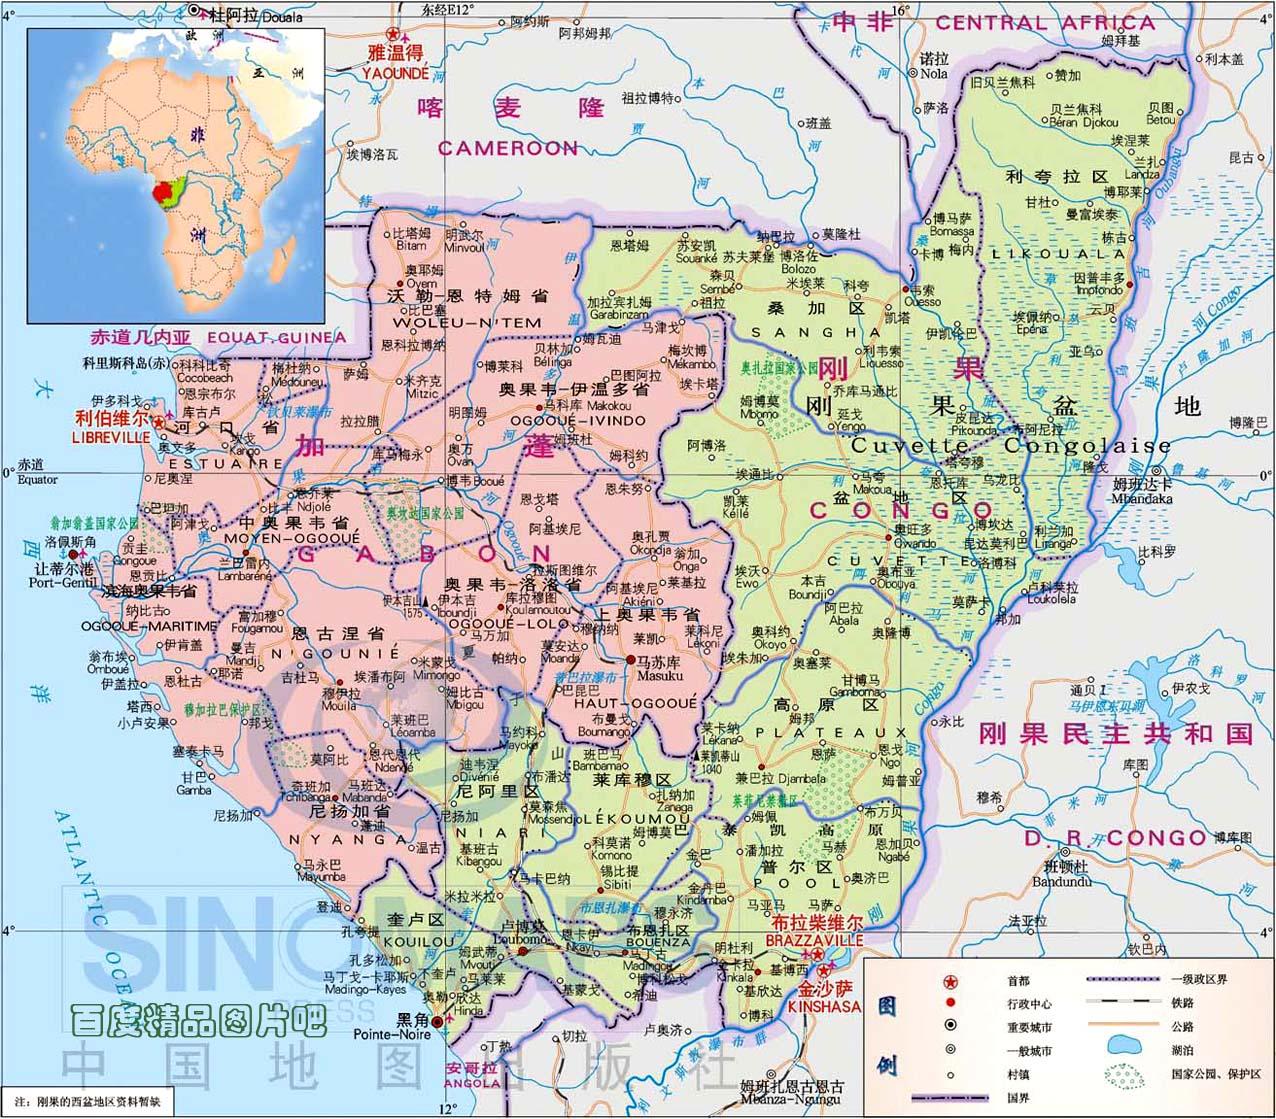 刚果共和国国土面积示意图